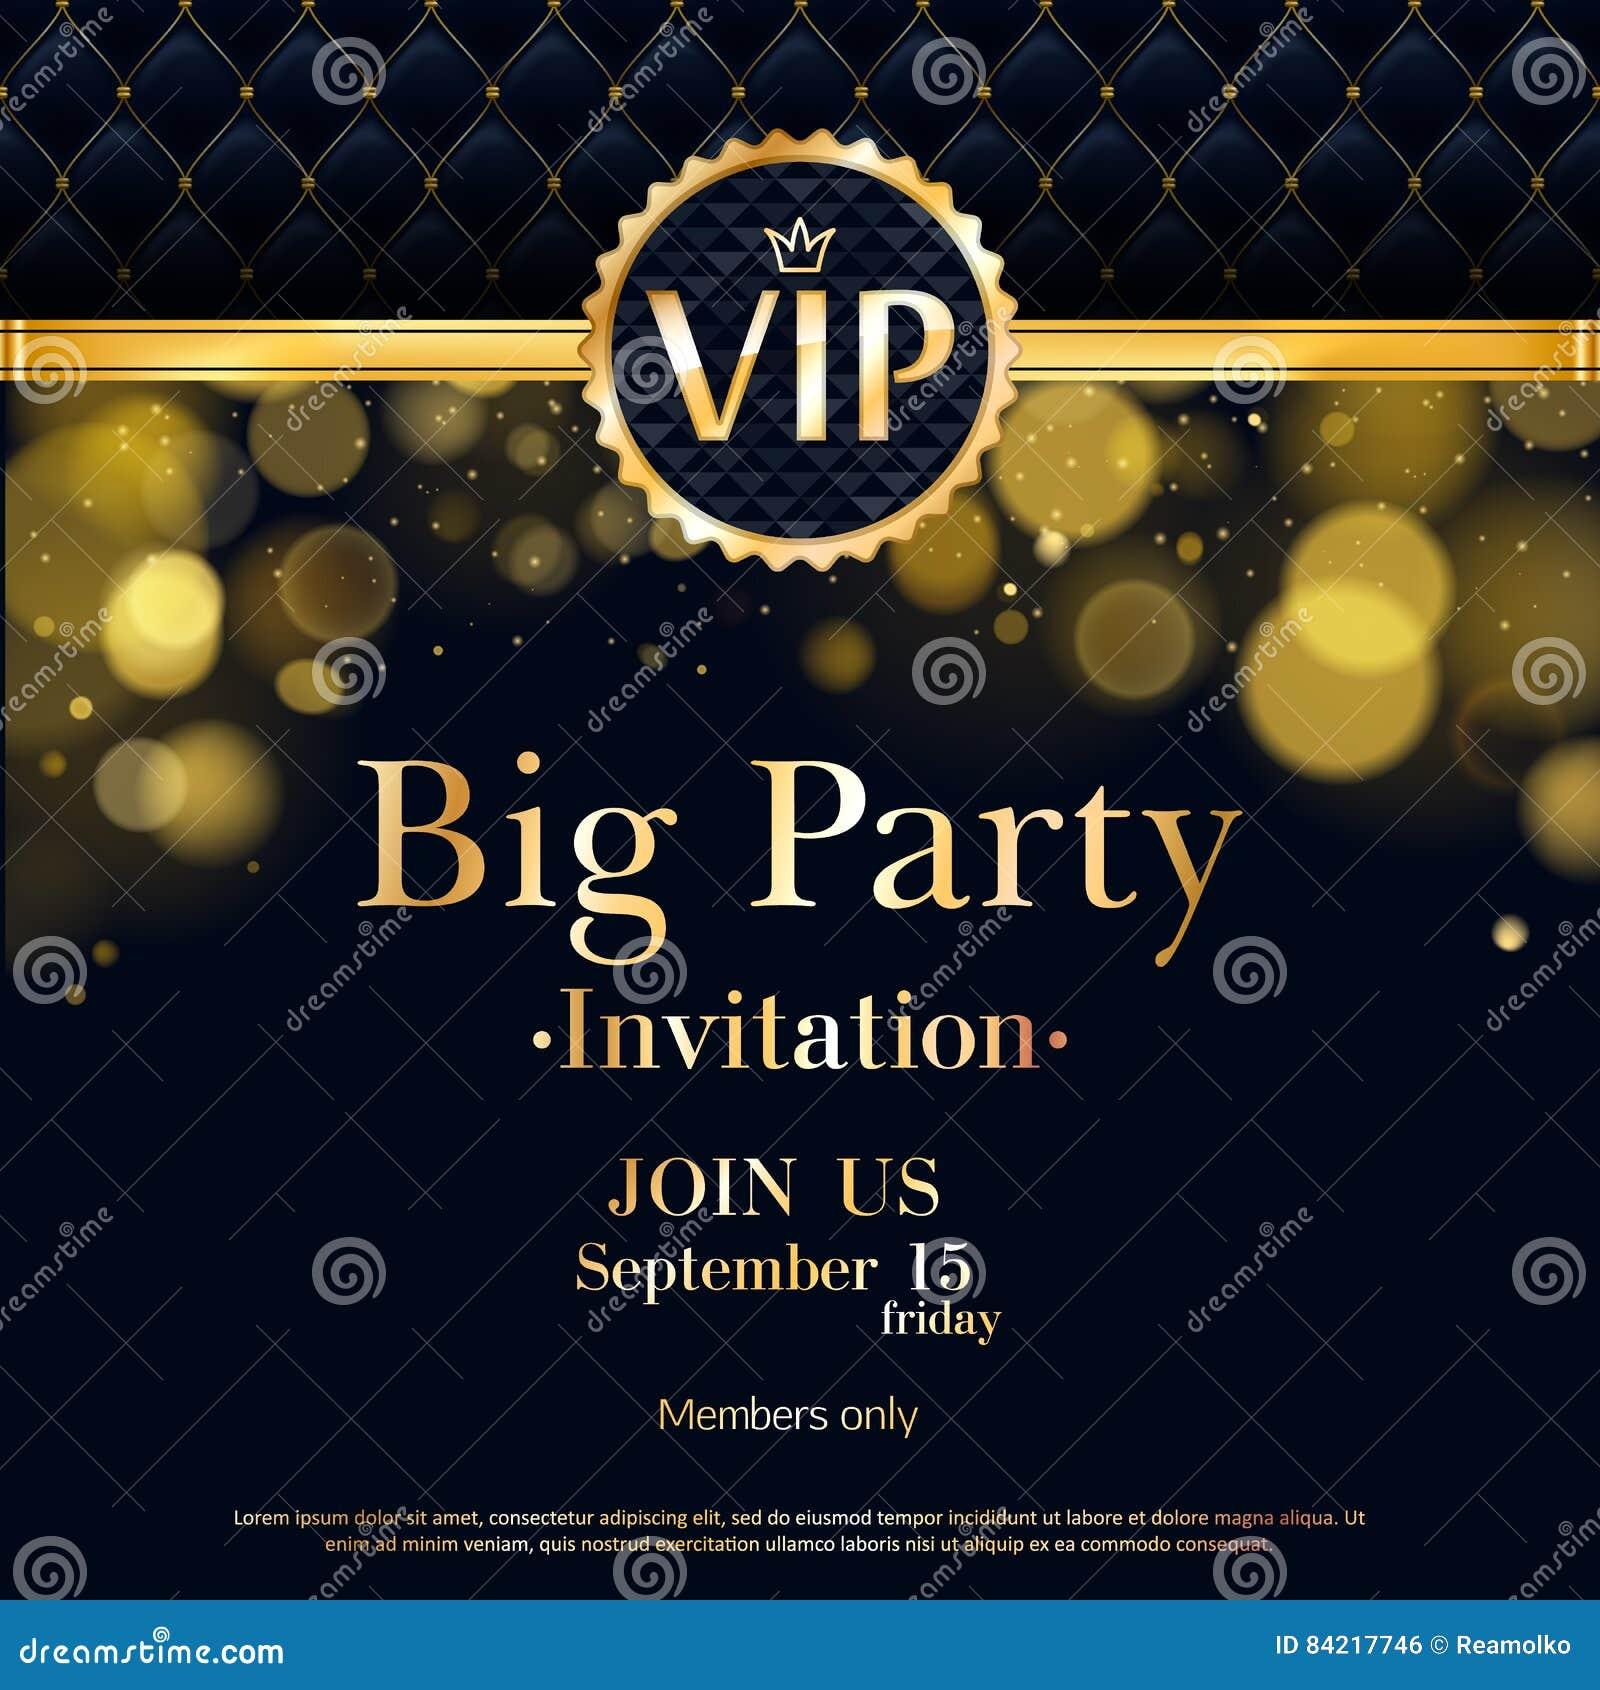 Vip Invitation Card Premium Design Template Stock Vector